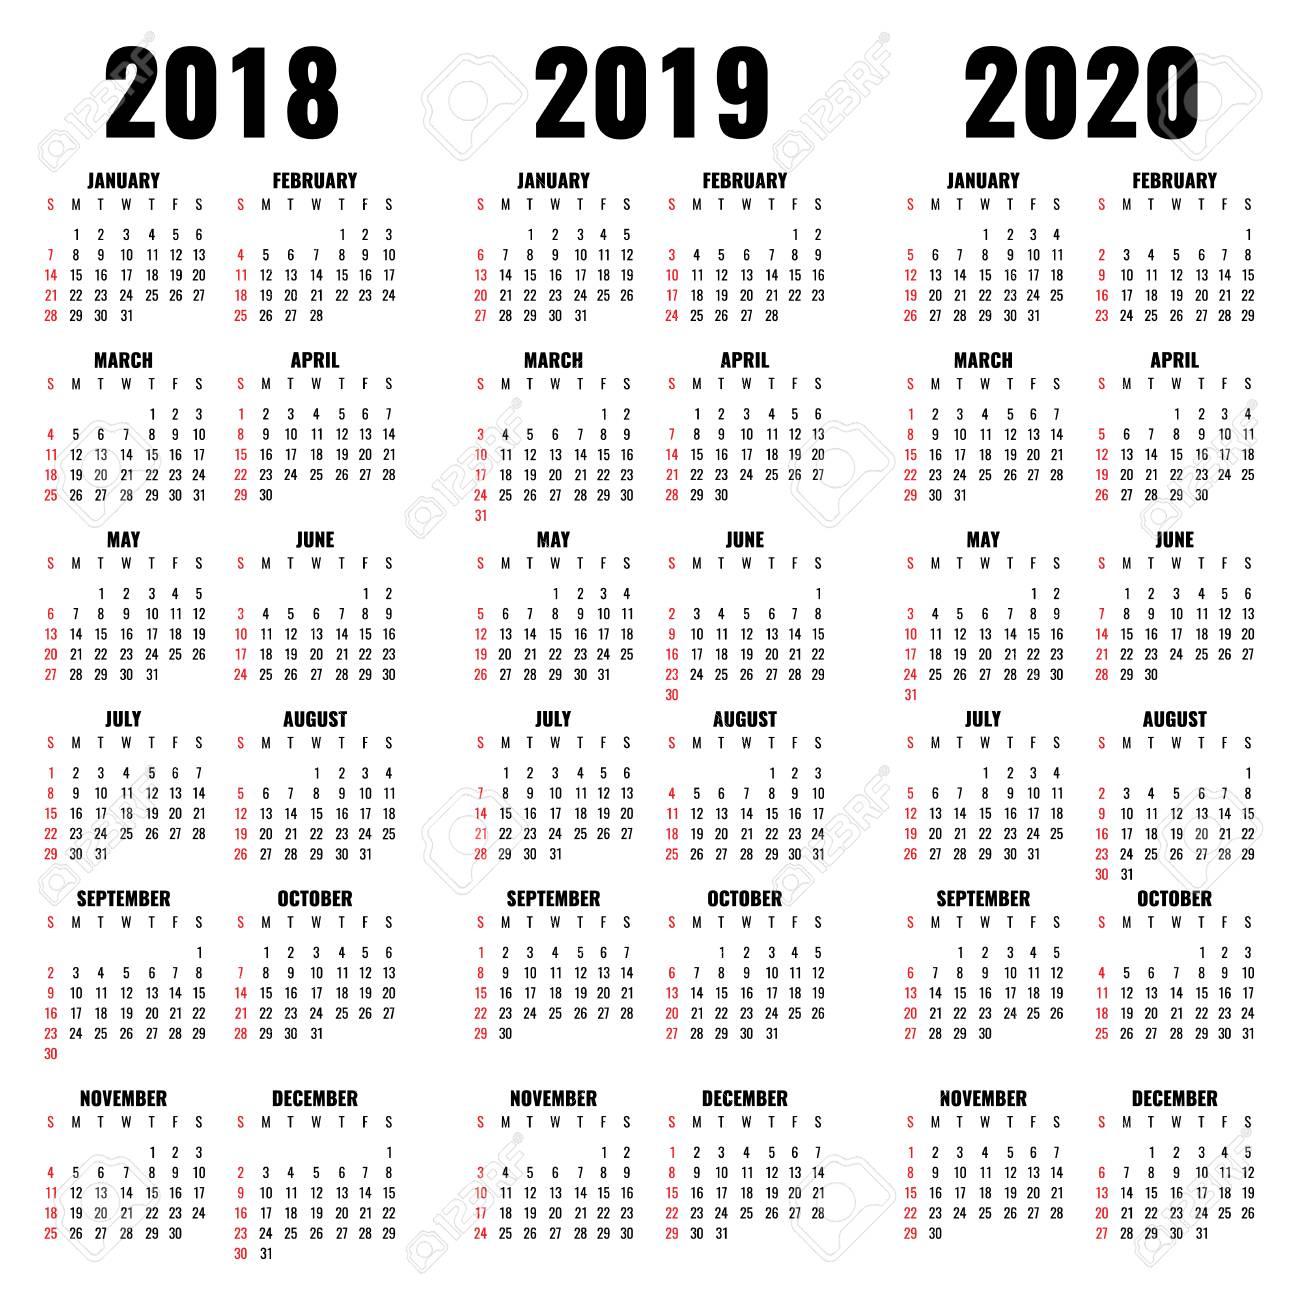 Calendario Mensile Settembre 2020.Modello Di Calendario Vettoriale 2018 2019 E Anni 2020 Calendario Dell Anno E Illustrazione Mensile Illustrazione